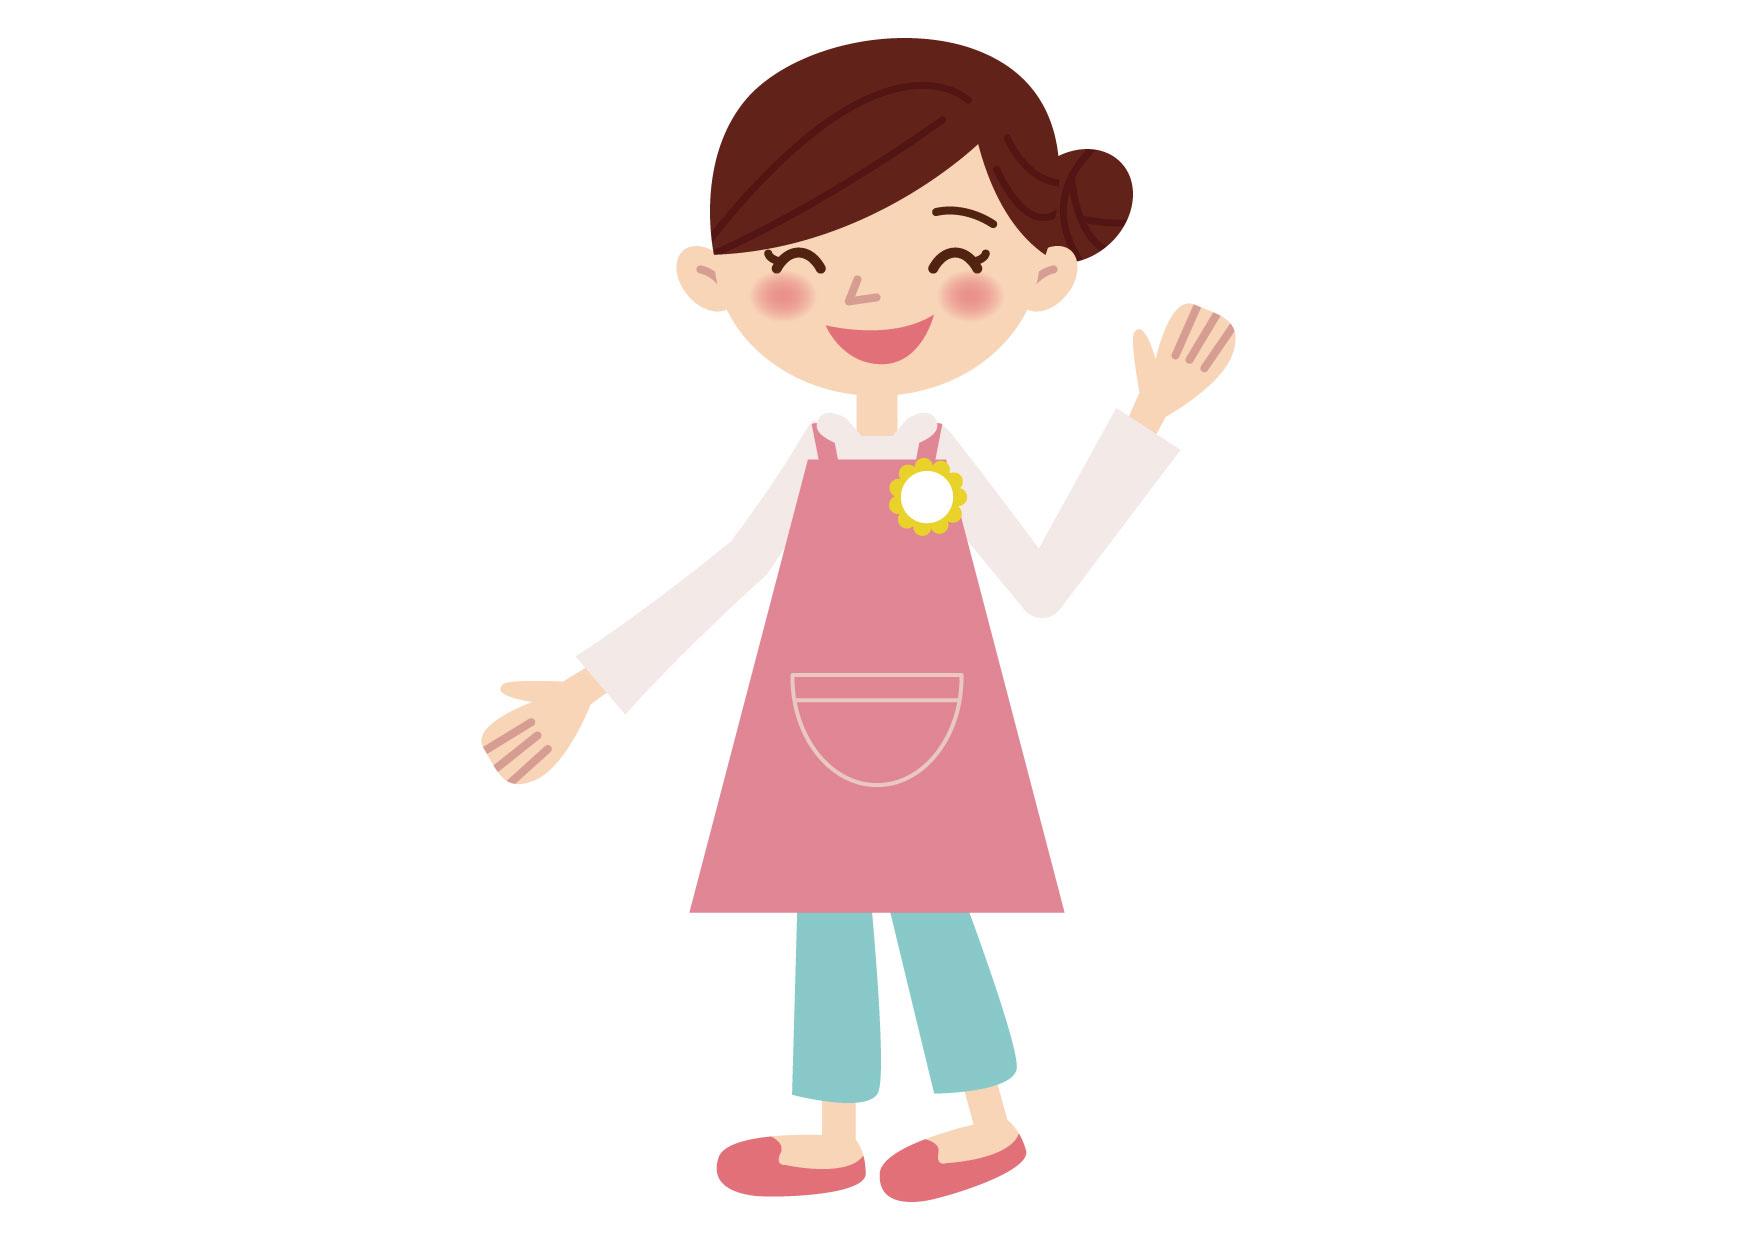 可愛いイラスト無料 保育士 女性 片手 ポーズ − free illustration Nursery school lady one hand pose